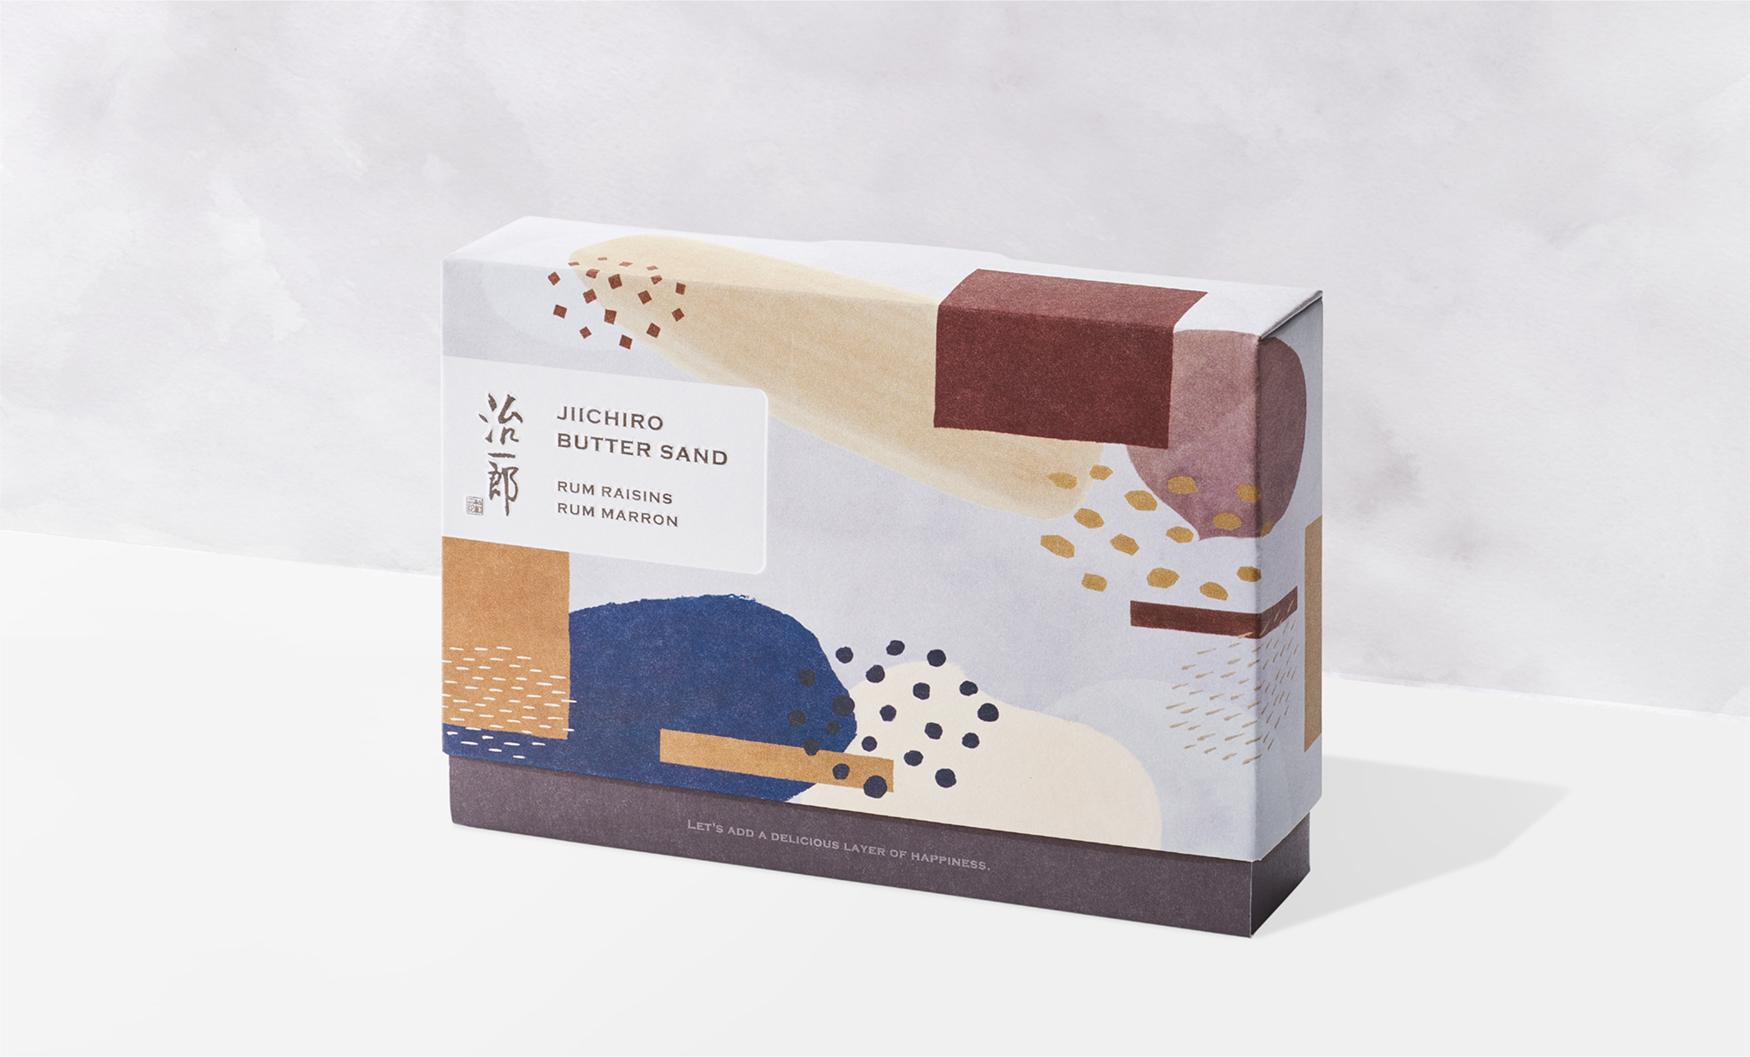 治一郎お菓子のパッケージデザイン画像